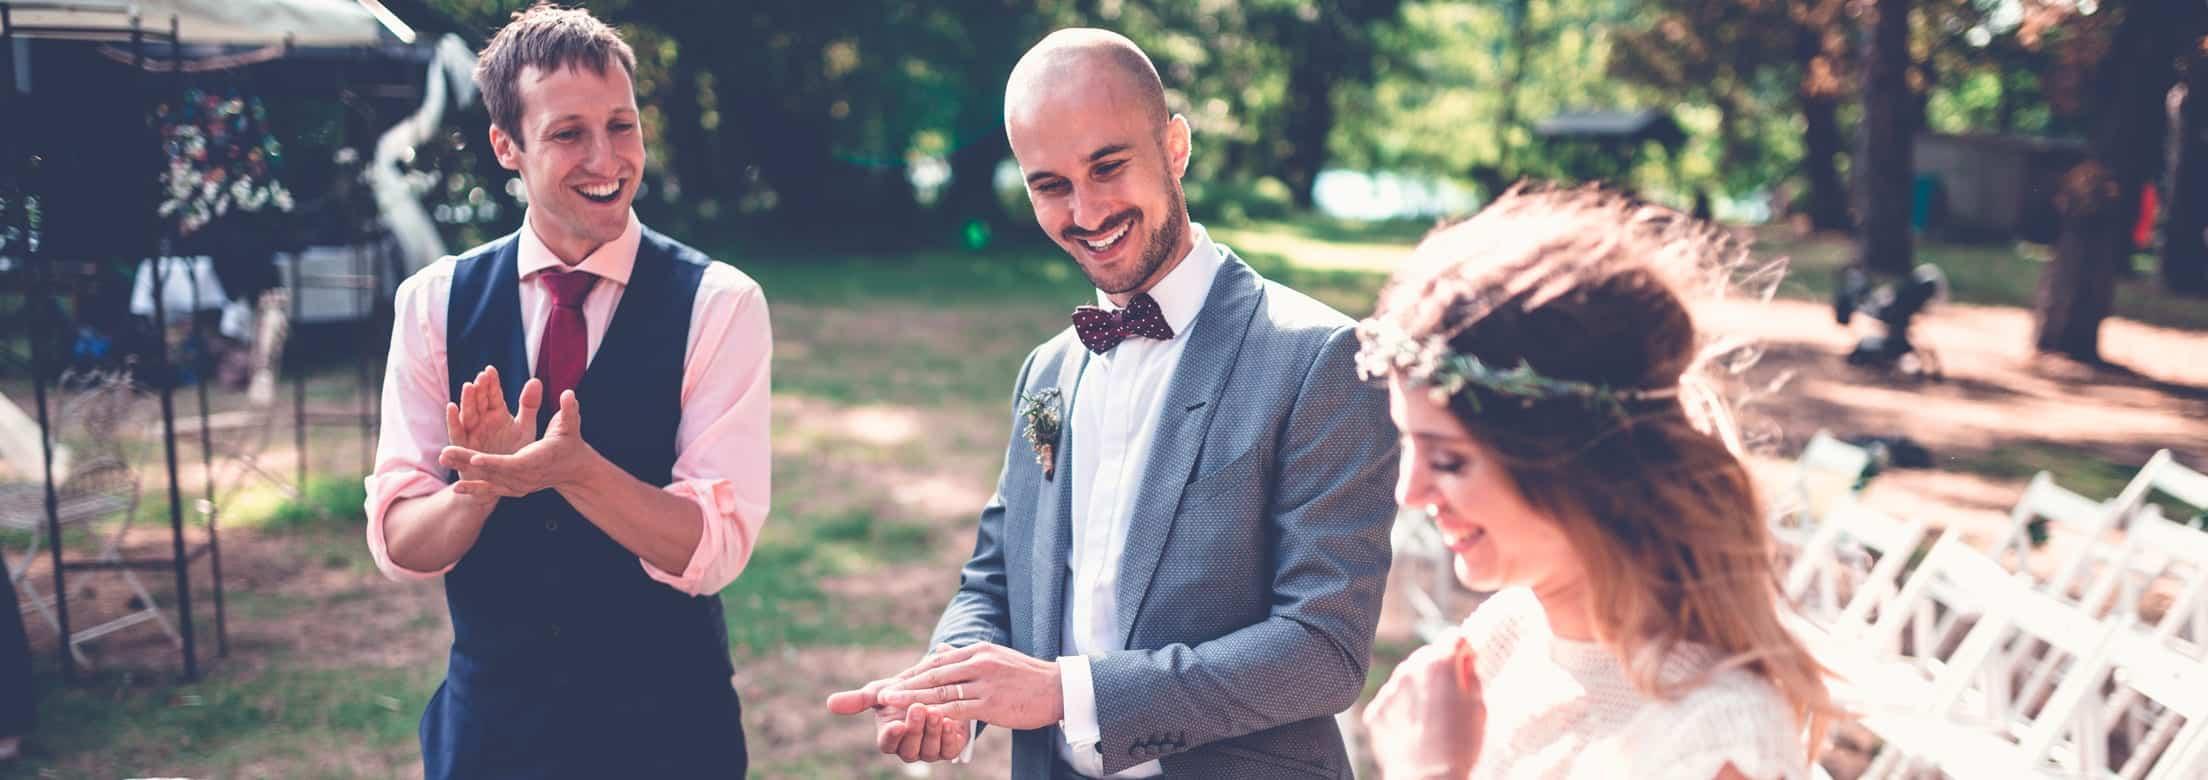 Der Hochzeitszauberer und das Brautpaar haben gemeinsam eine Erinnerung an diesen besonderen Tag geschaffen. Sie lachen und sehen auf das überraschende Objekt in den Händen der Braut.